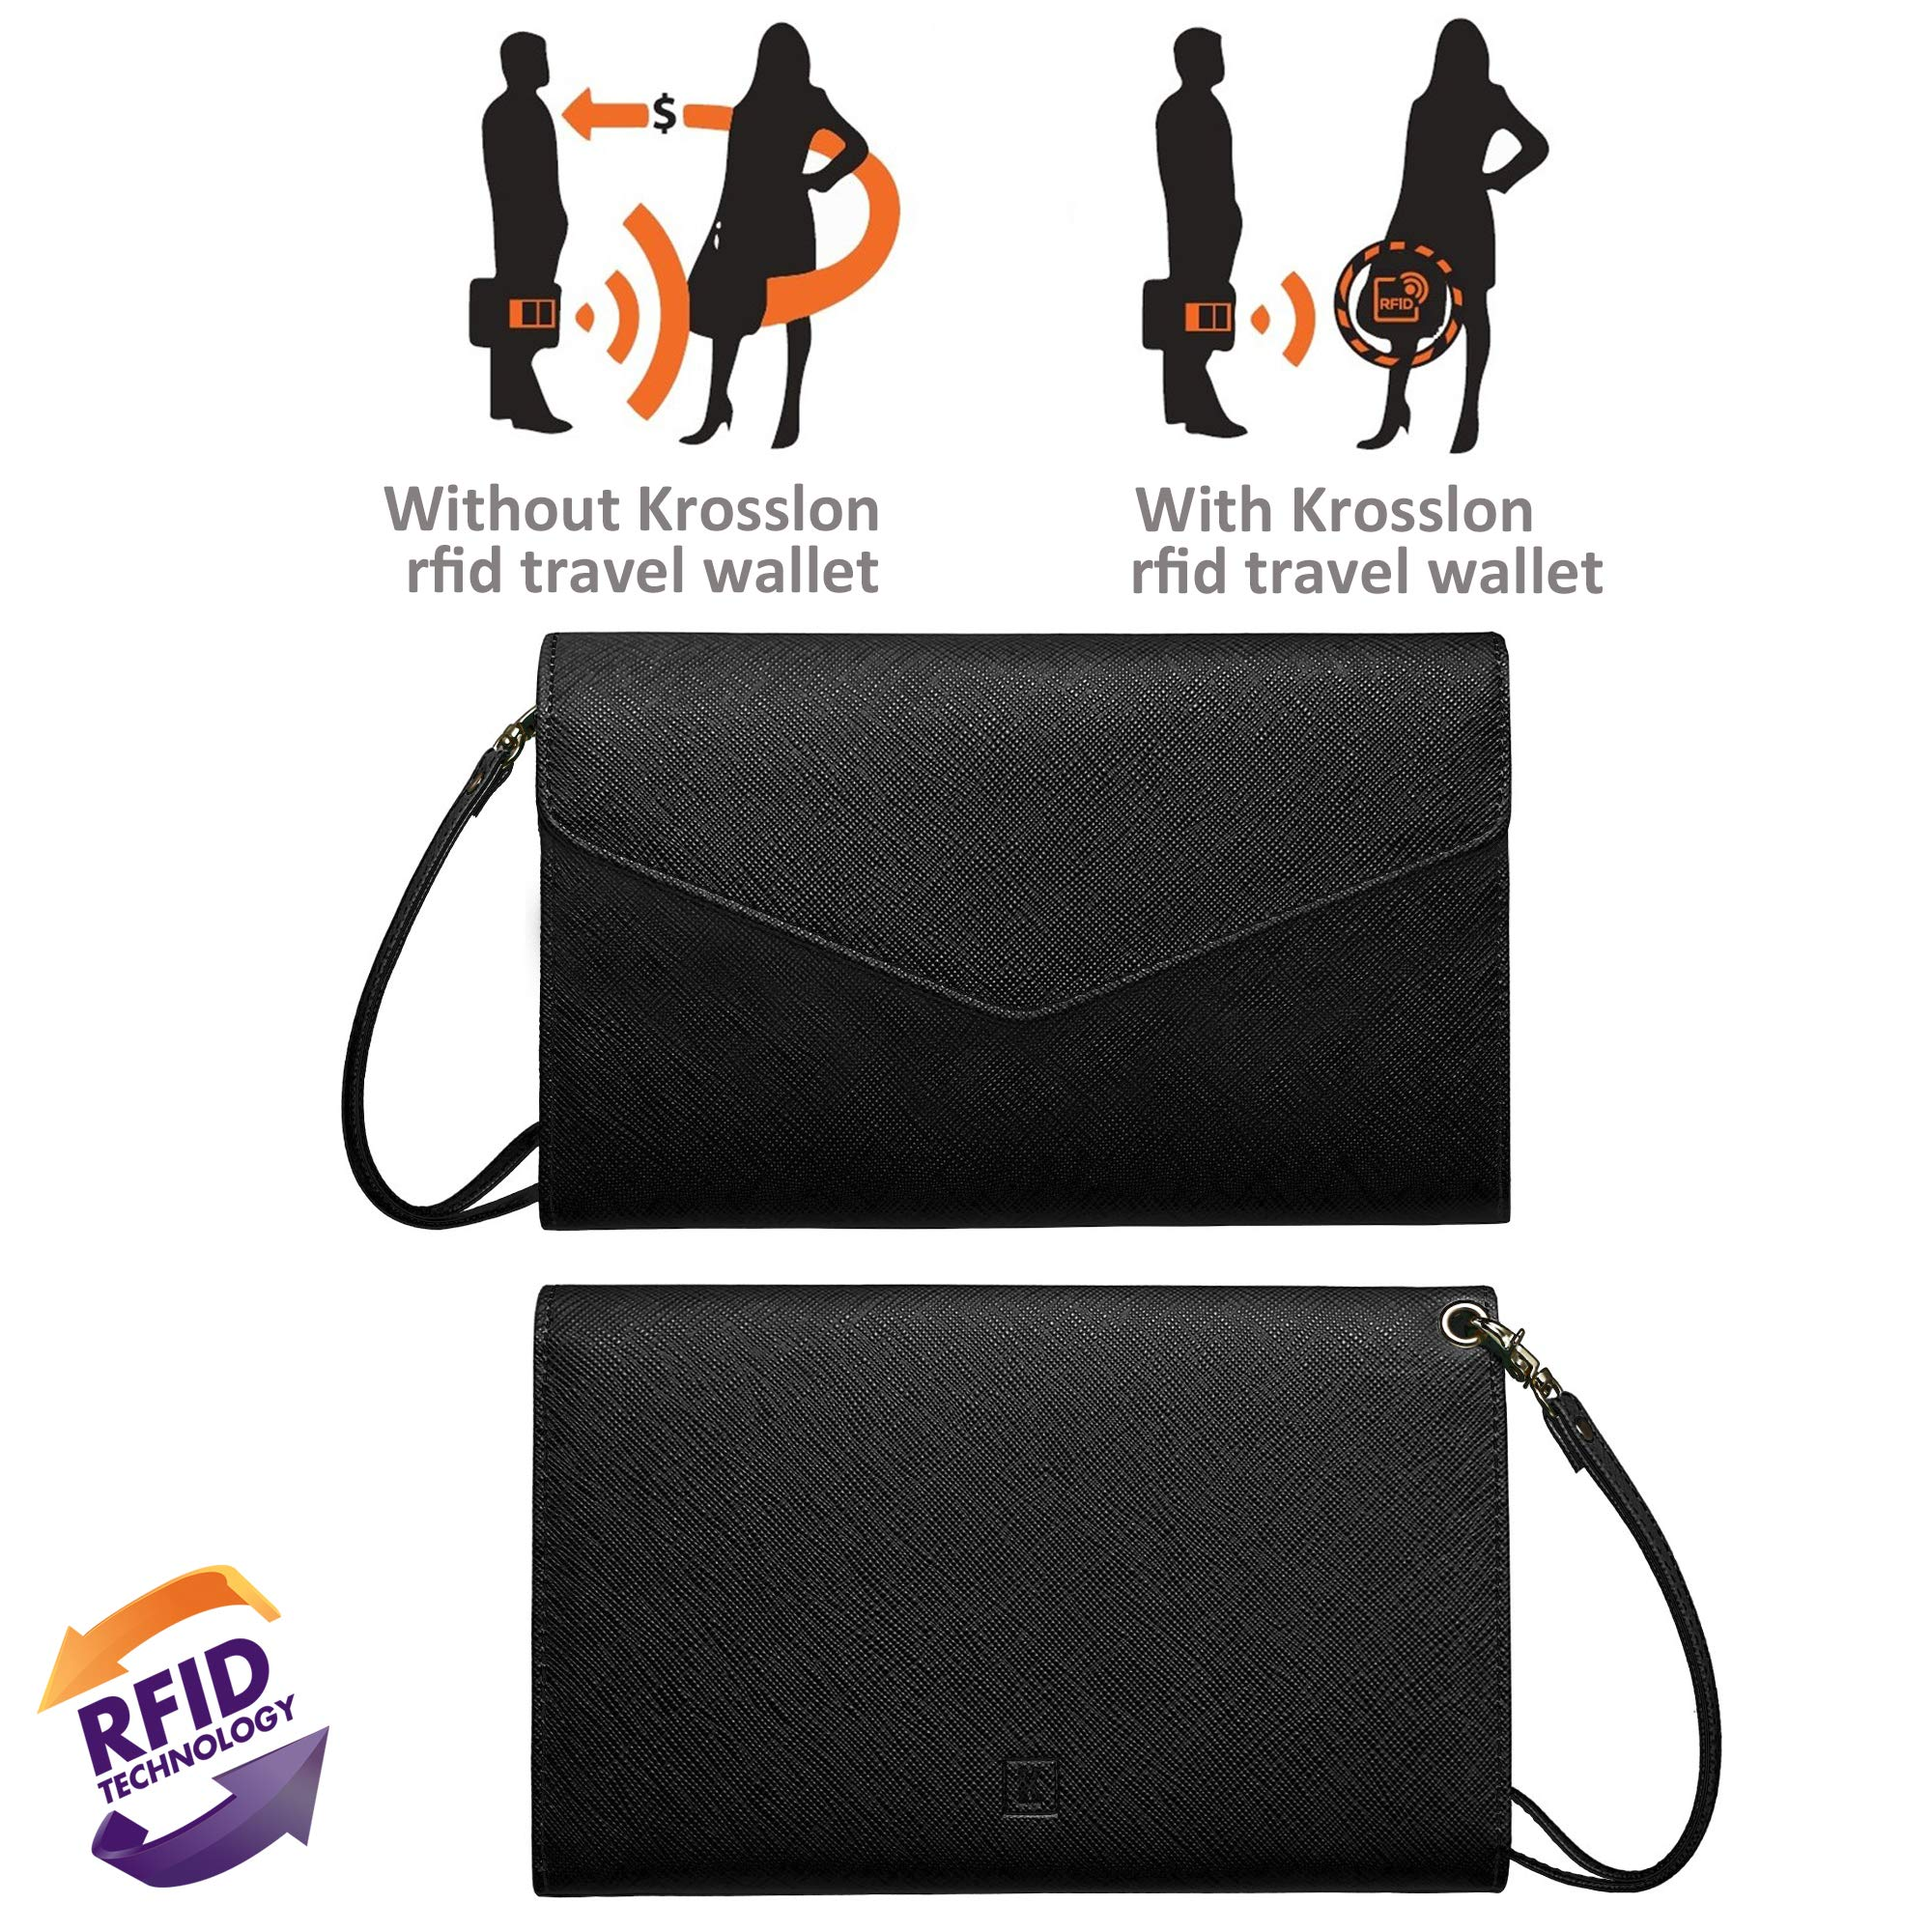 Krosslon Travel Passport Wallet for Women Rfid Wristlet Slim Family Document Holder, 1# Black by KROSSLON (Image #4)